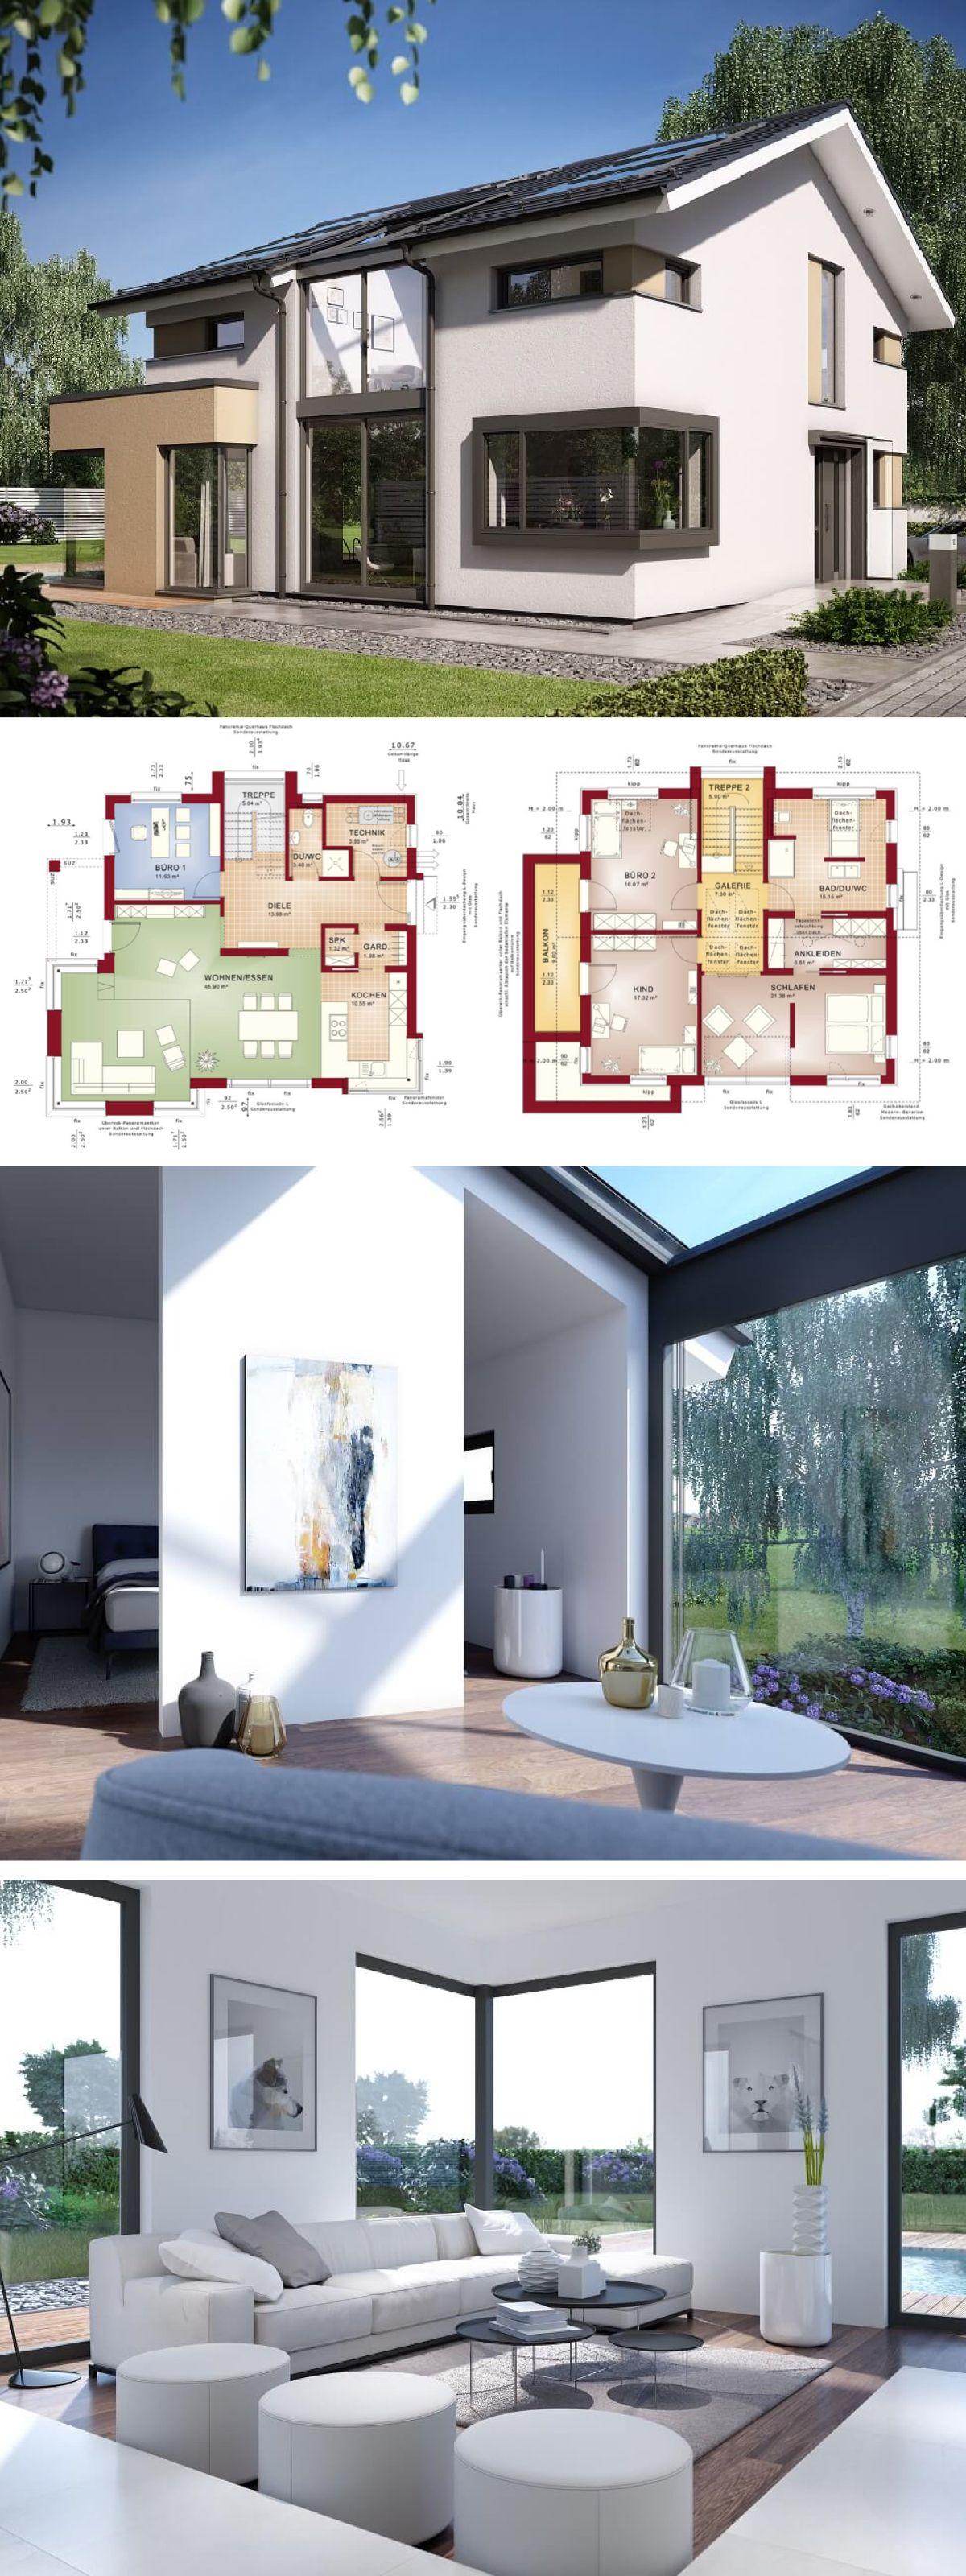 Einfamilienhaus Neubau modern mit Galerie & Satteldach Architektur ...